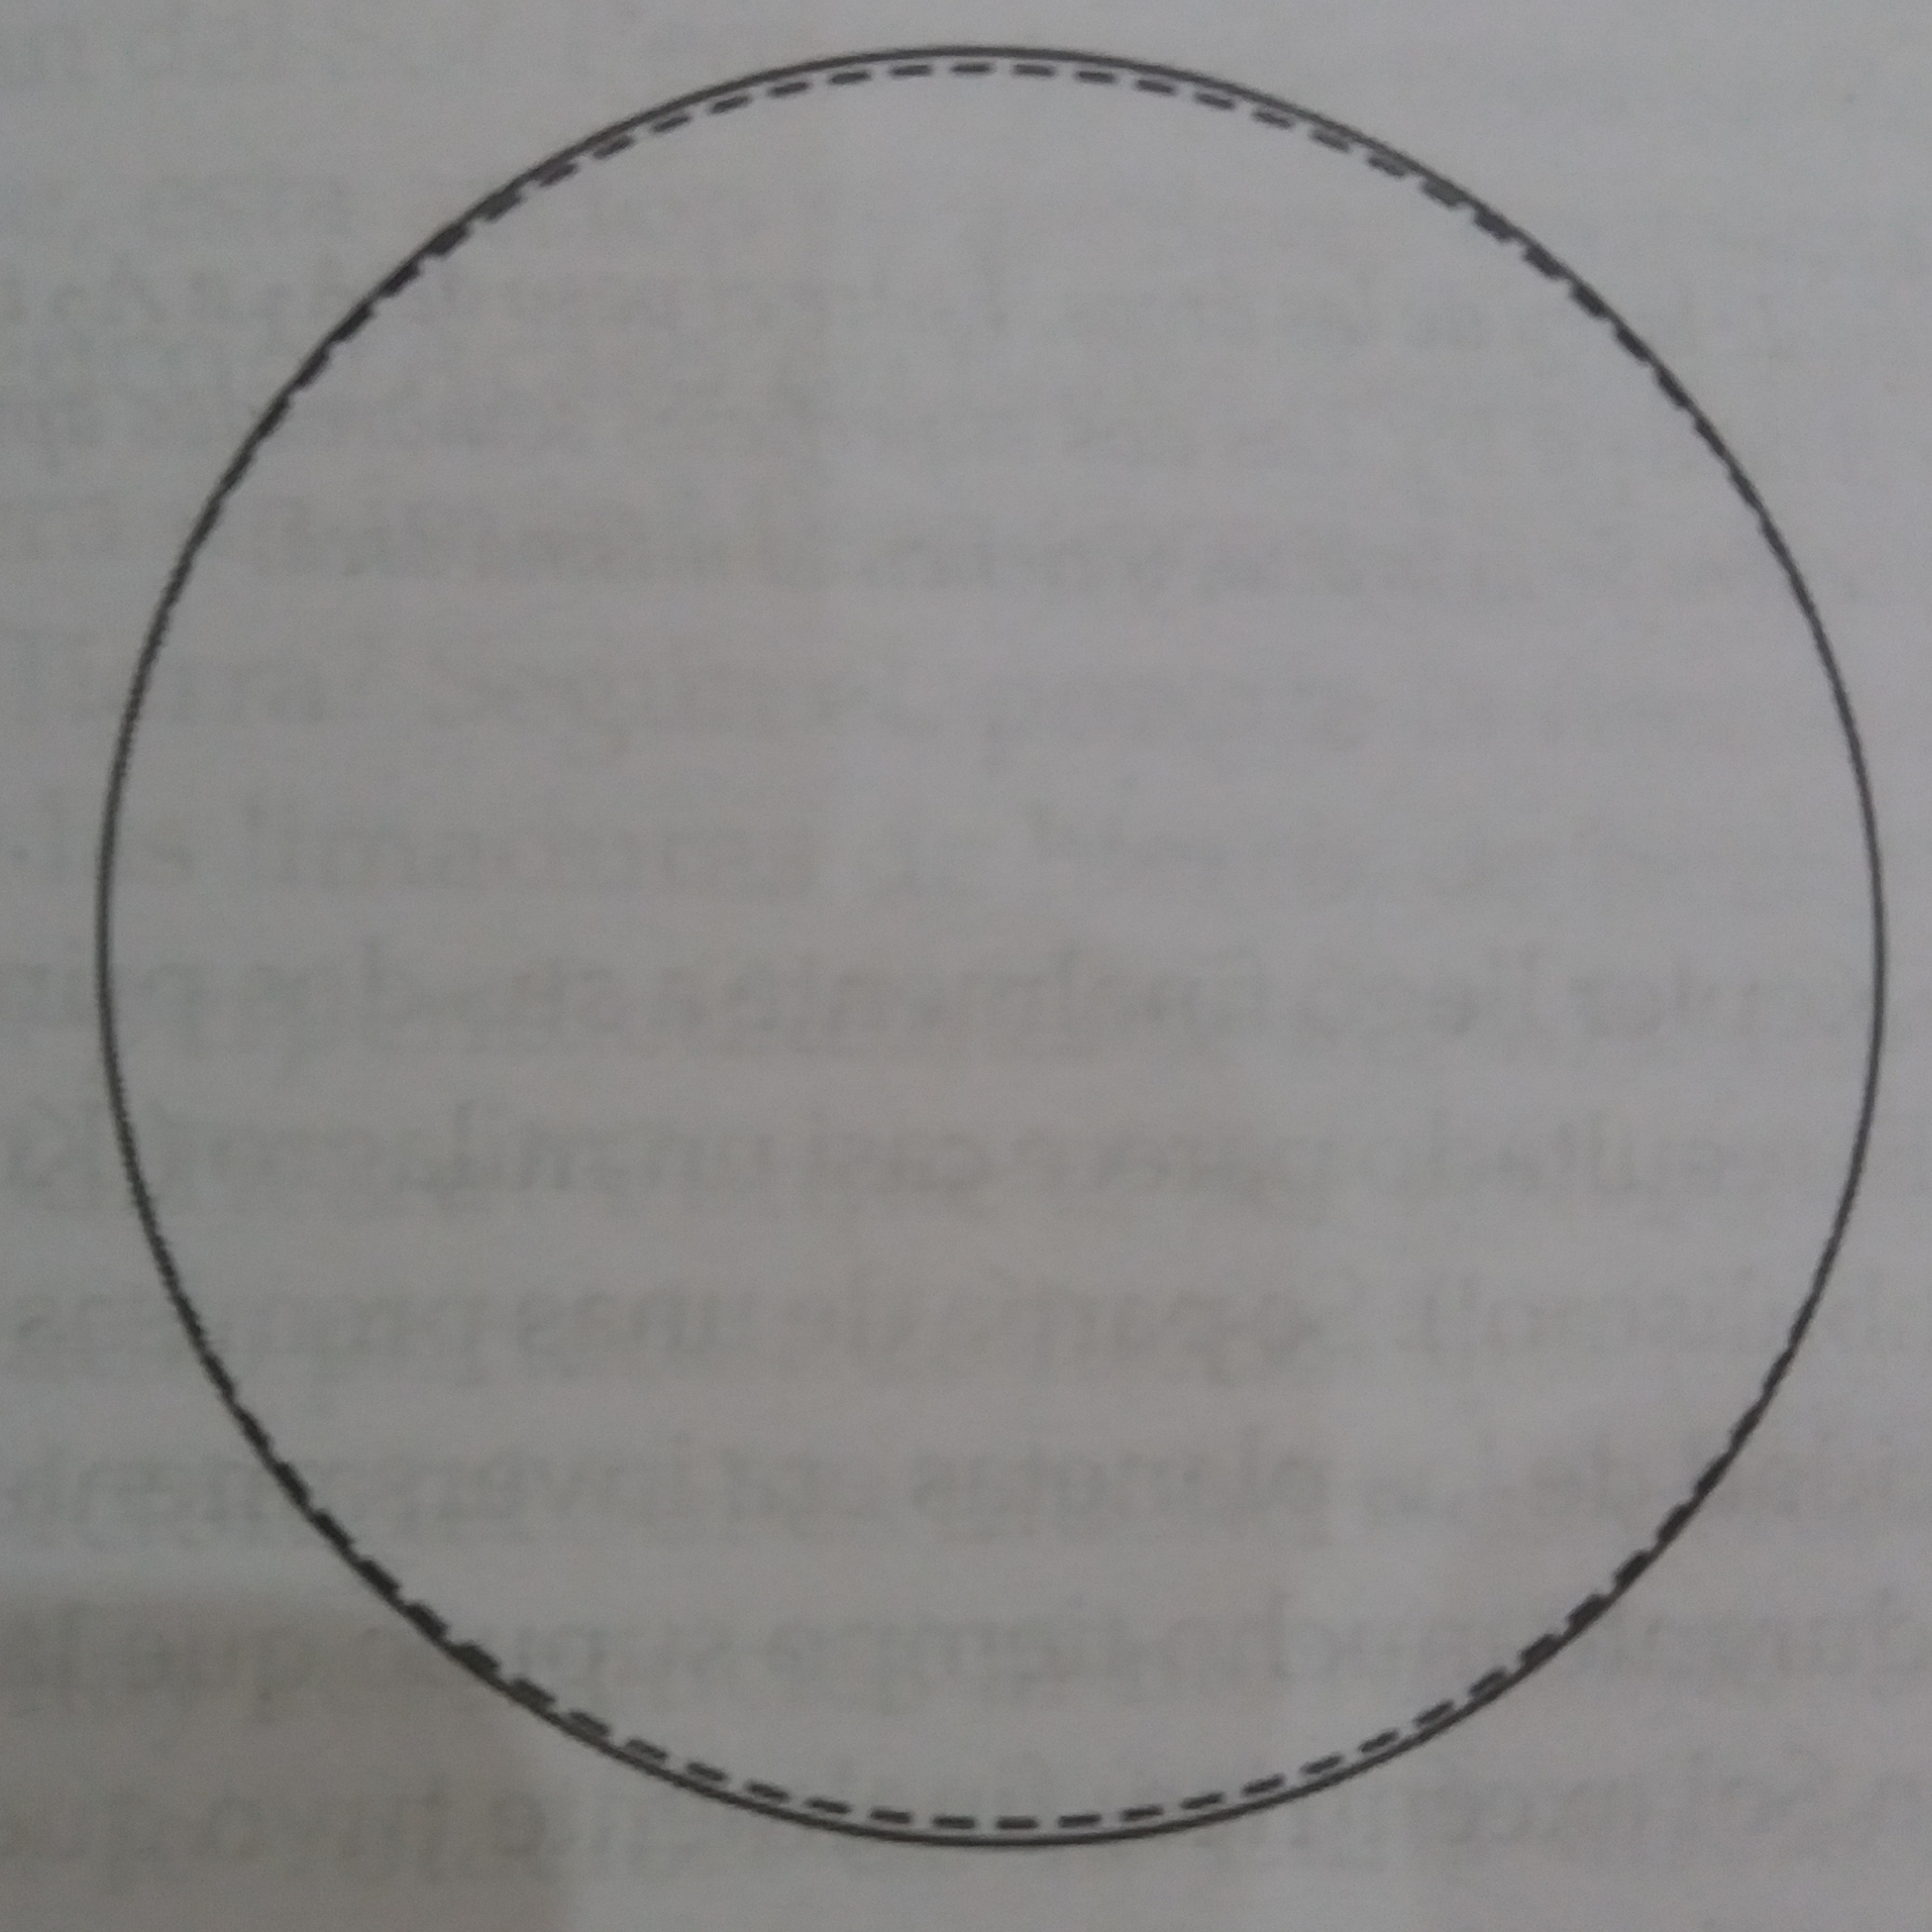 órbita elíptica Libros de texto (III): las elipses de Kepler.